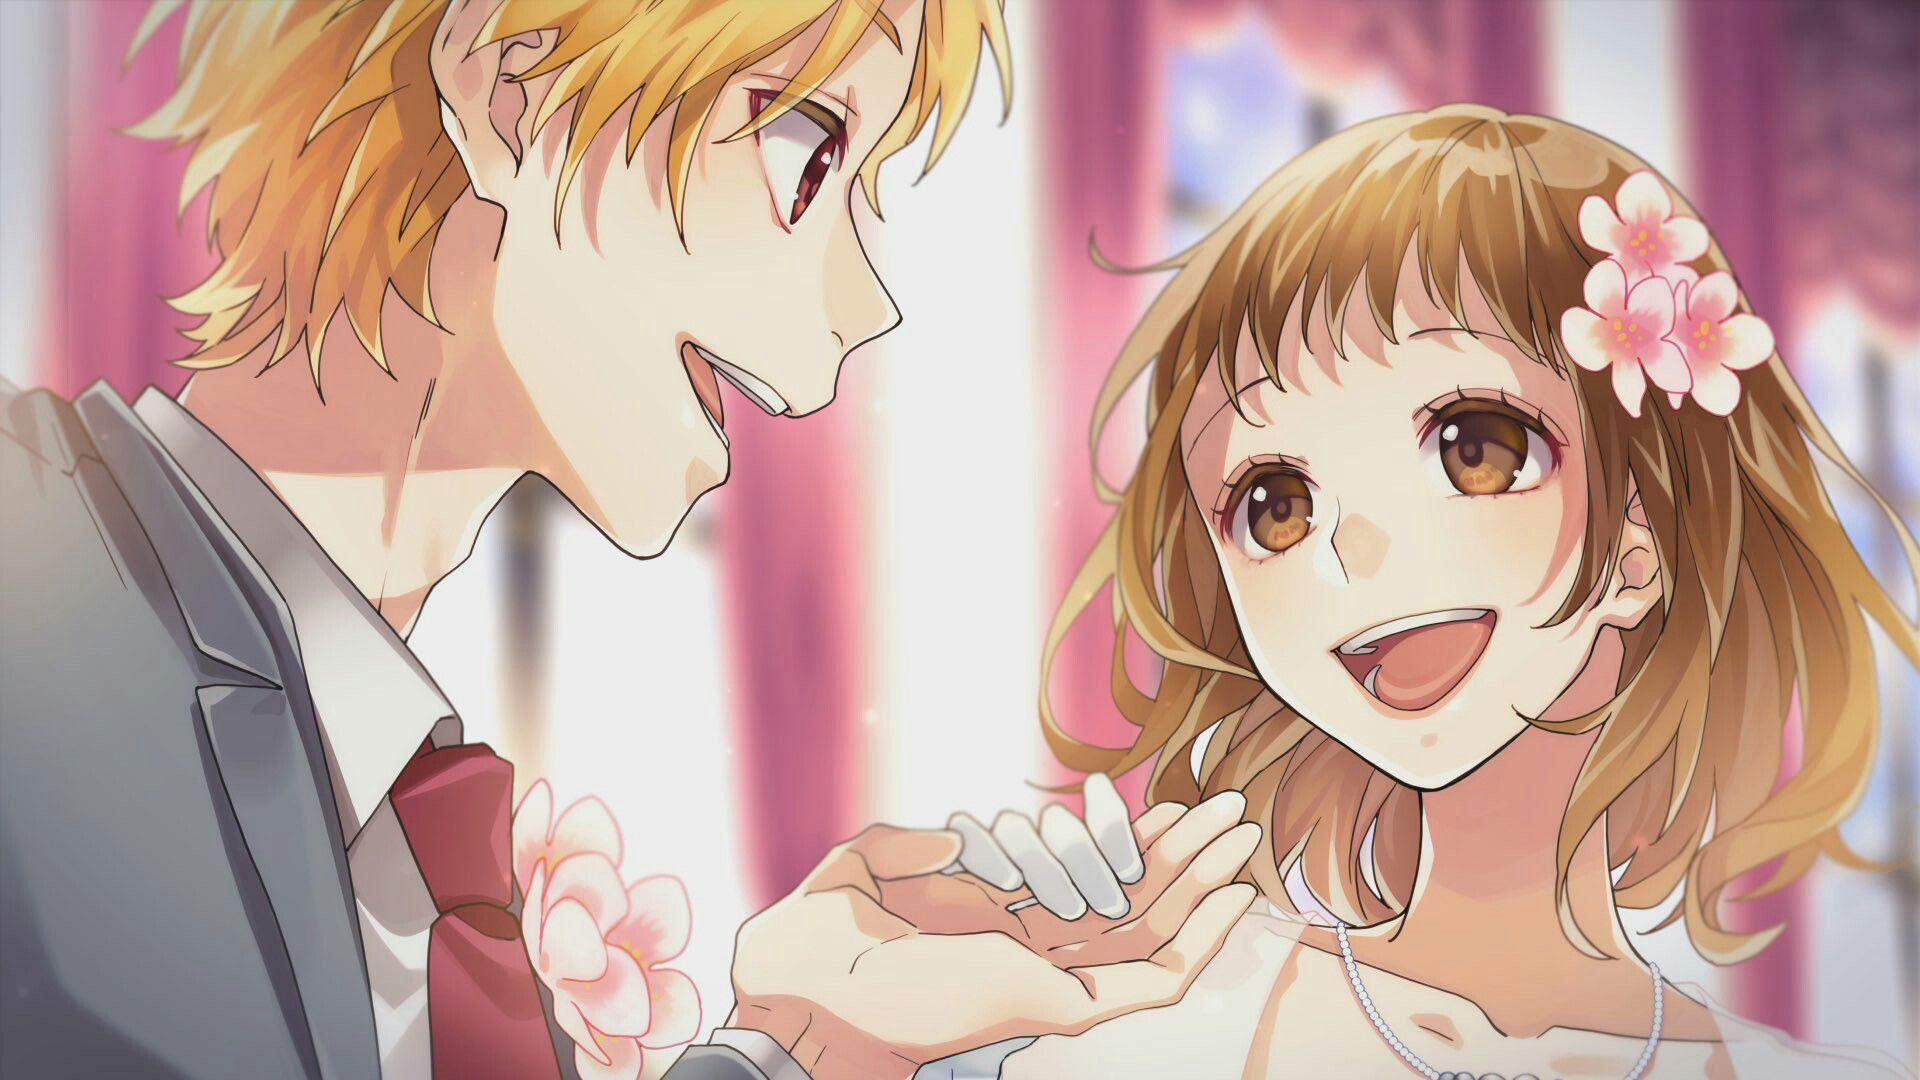 HoneyWorks Anime romance, Arte de anime, Películas de anime